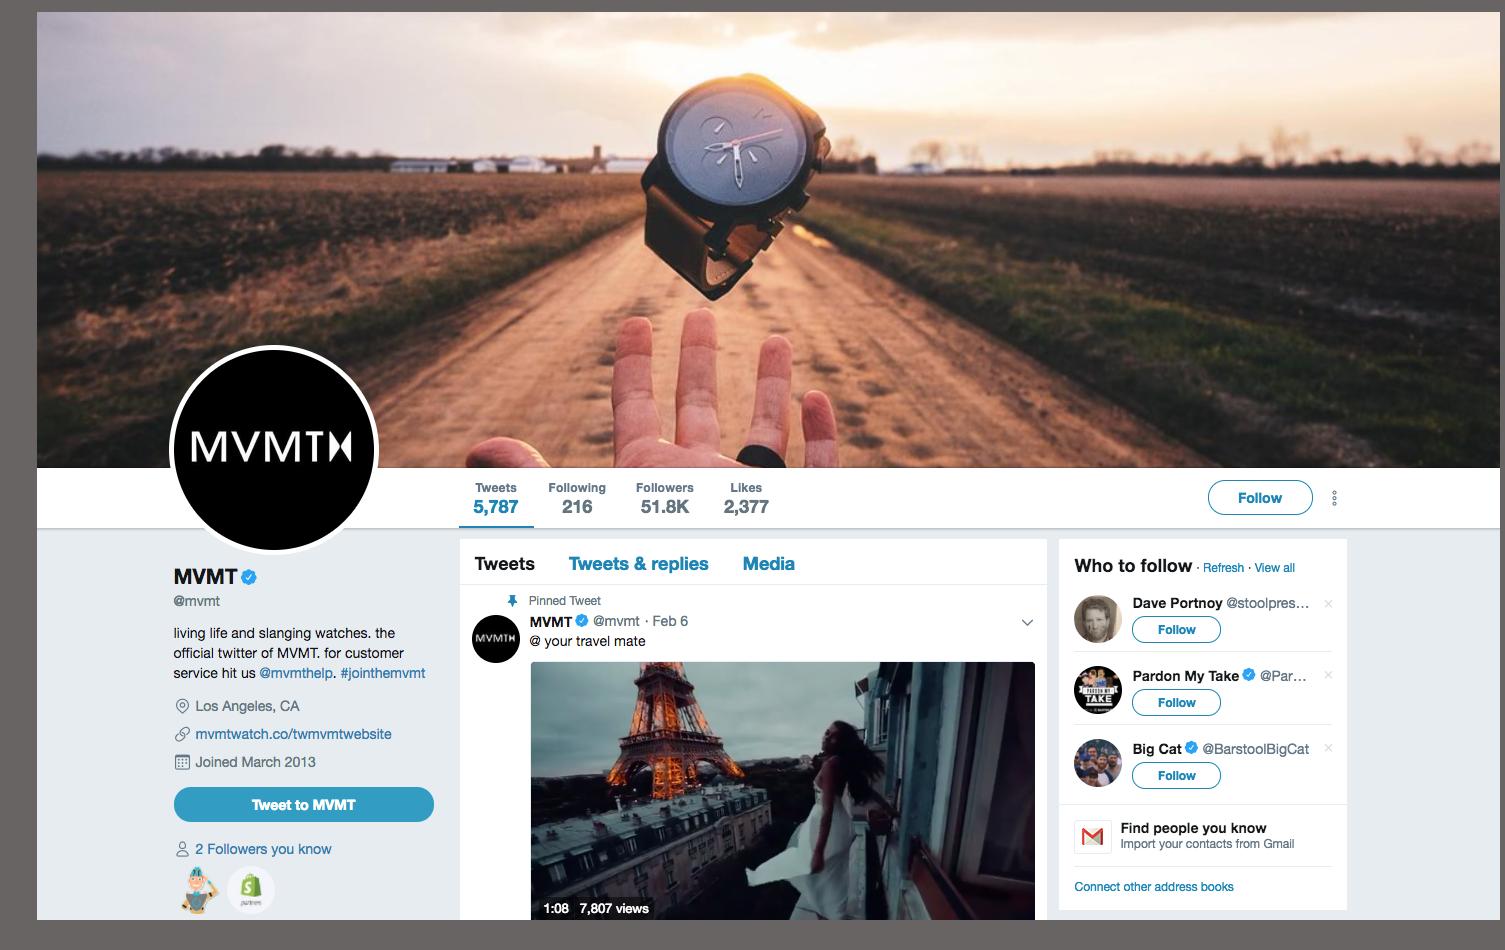 MVMT's twitter